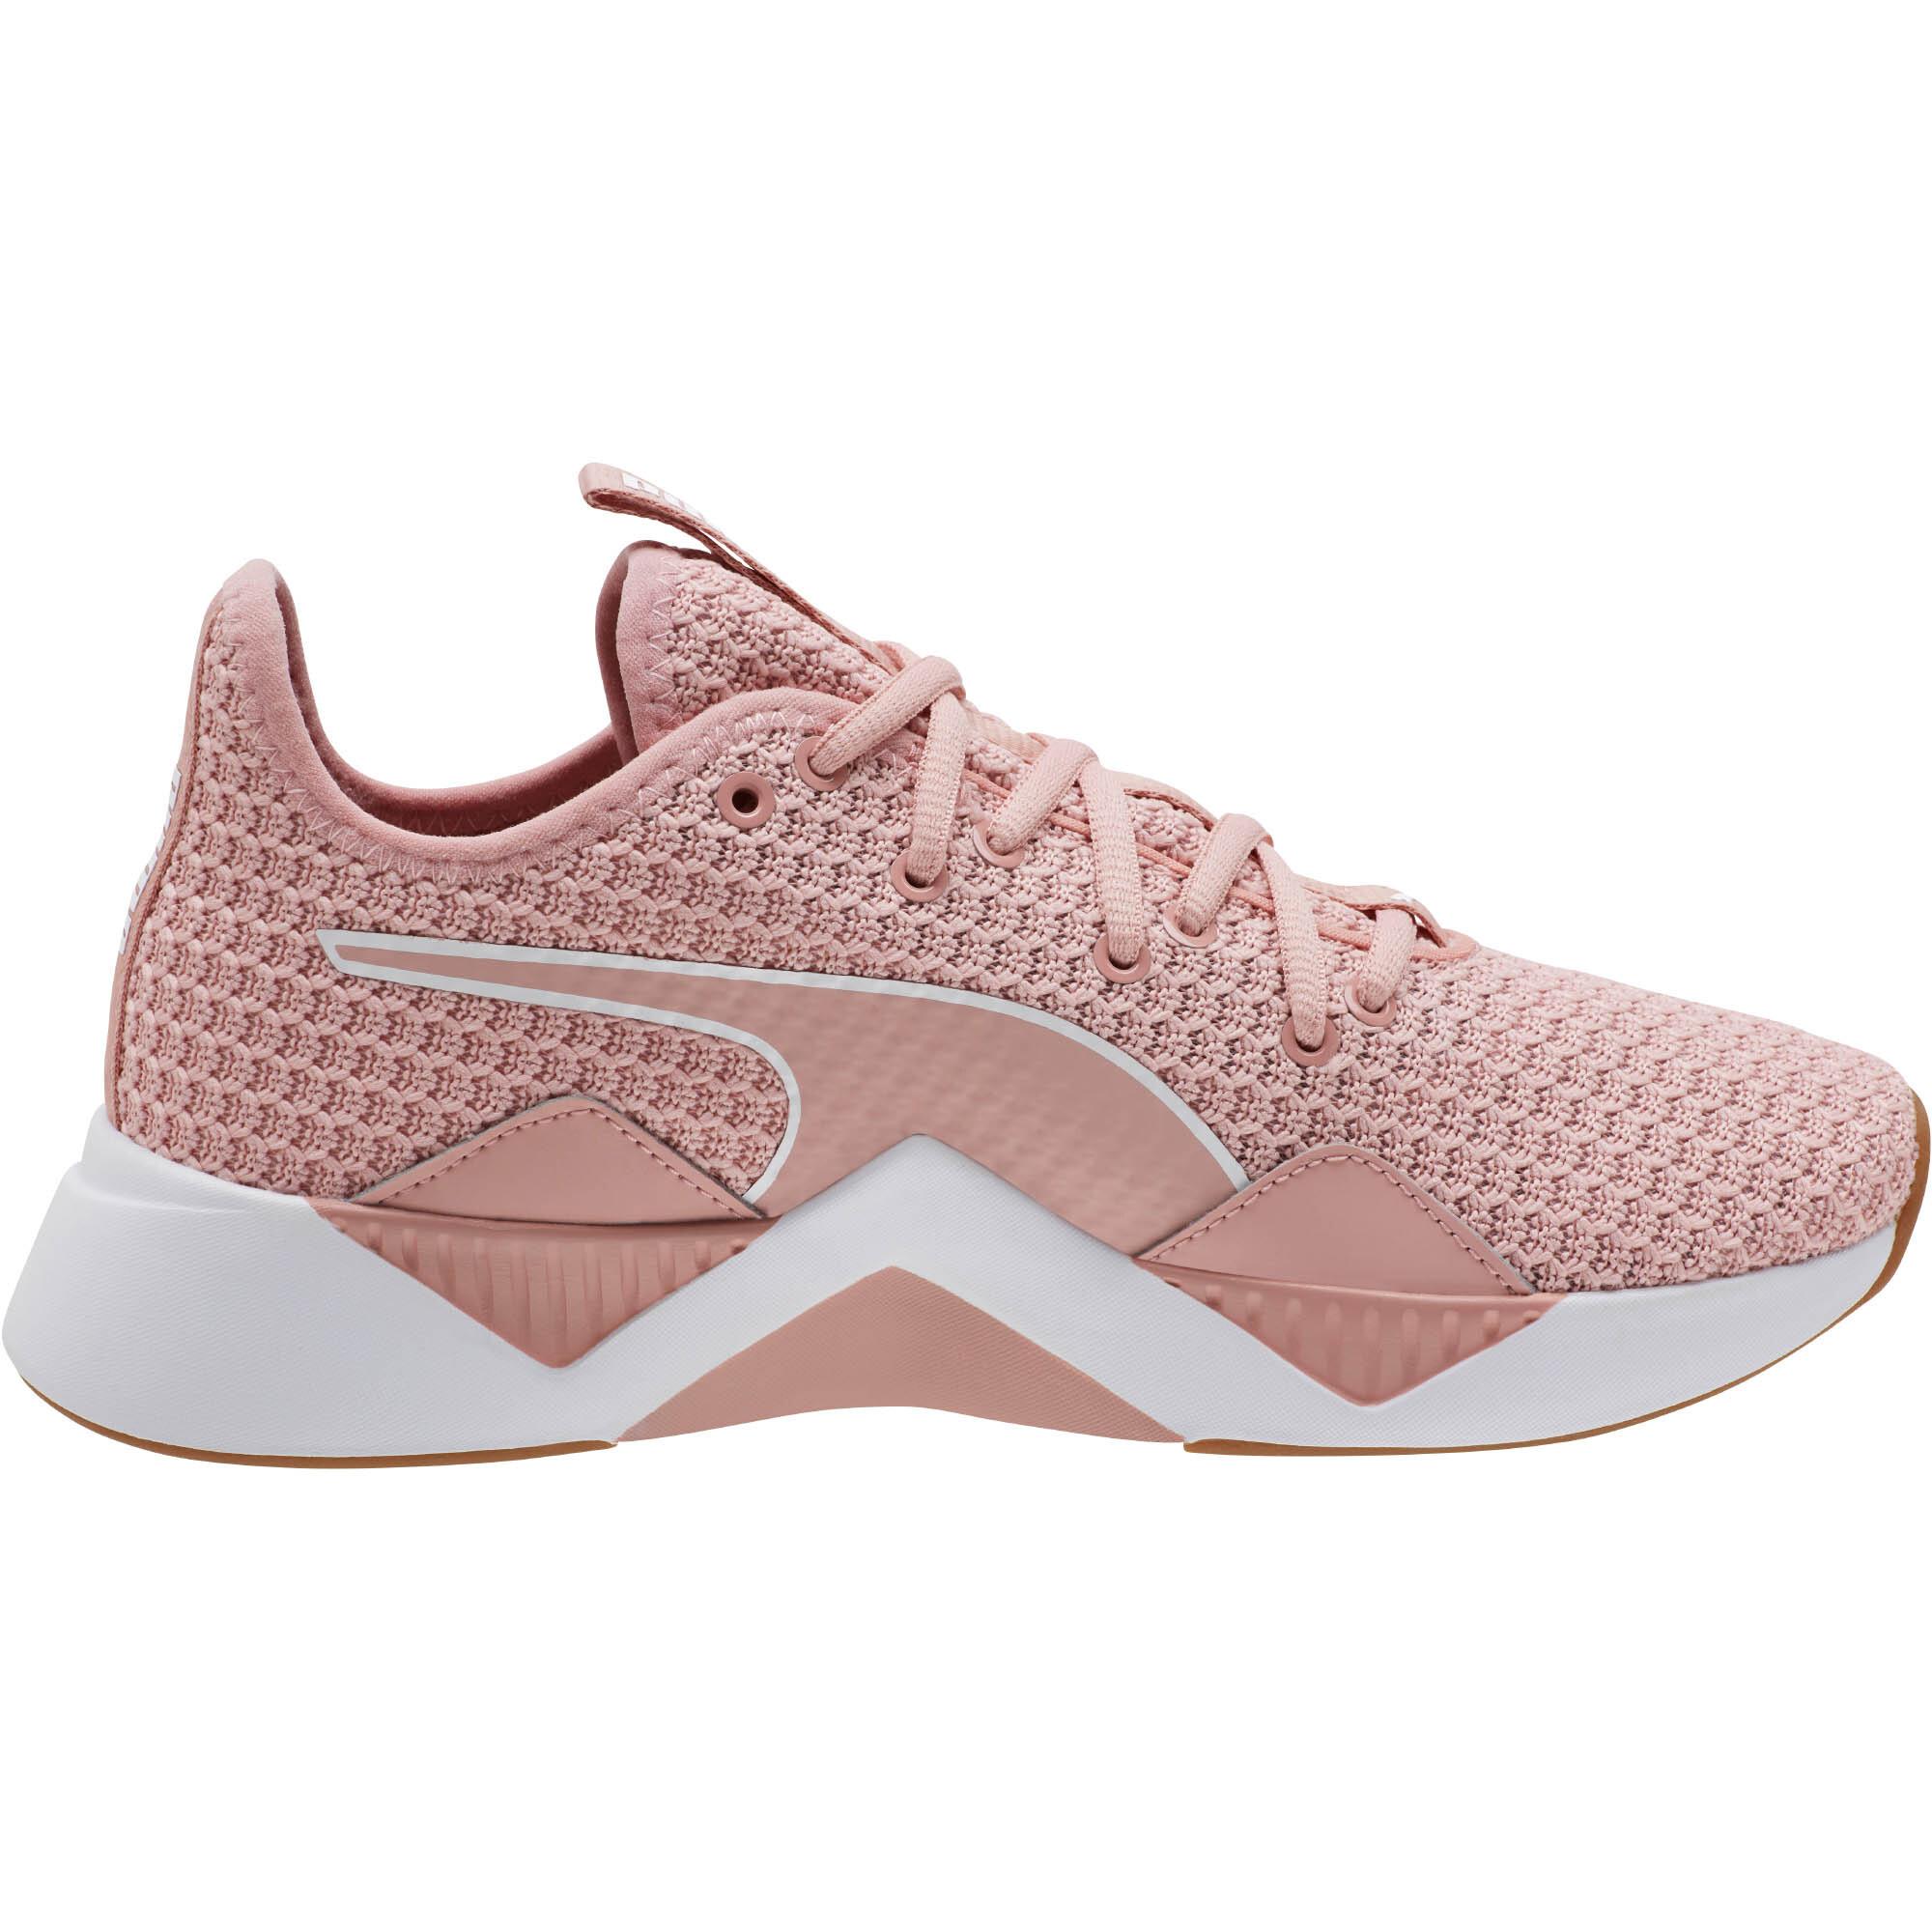 PUMA-Incite-FS-Women-039-s-Training-Shoes-Women-Shoe-Training thumbnail 26